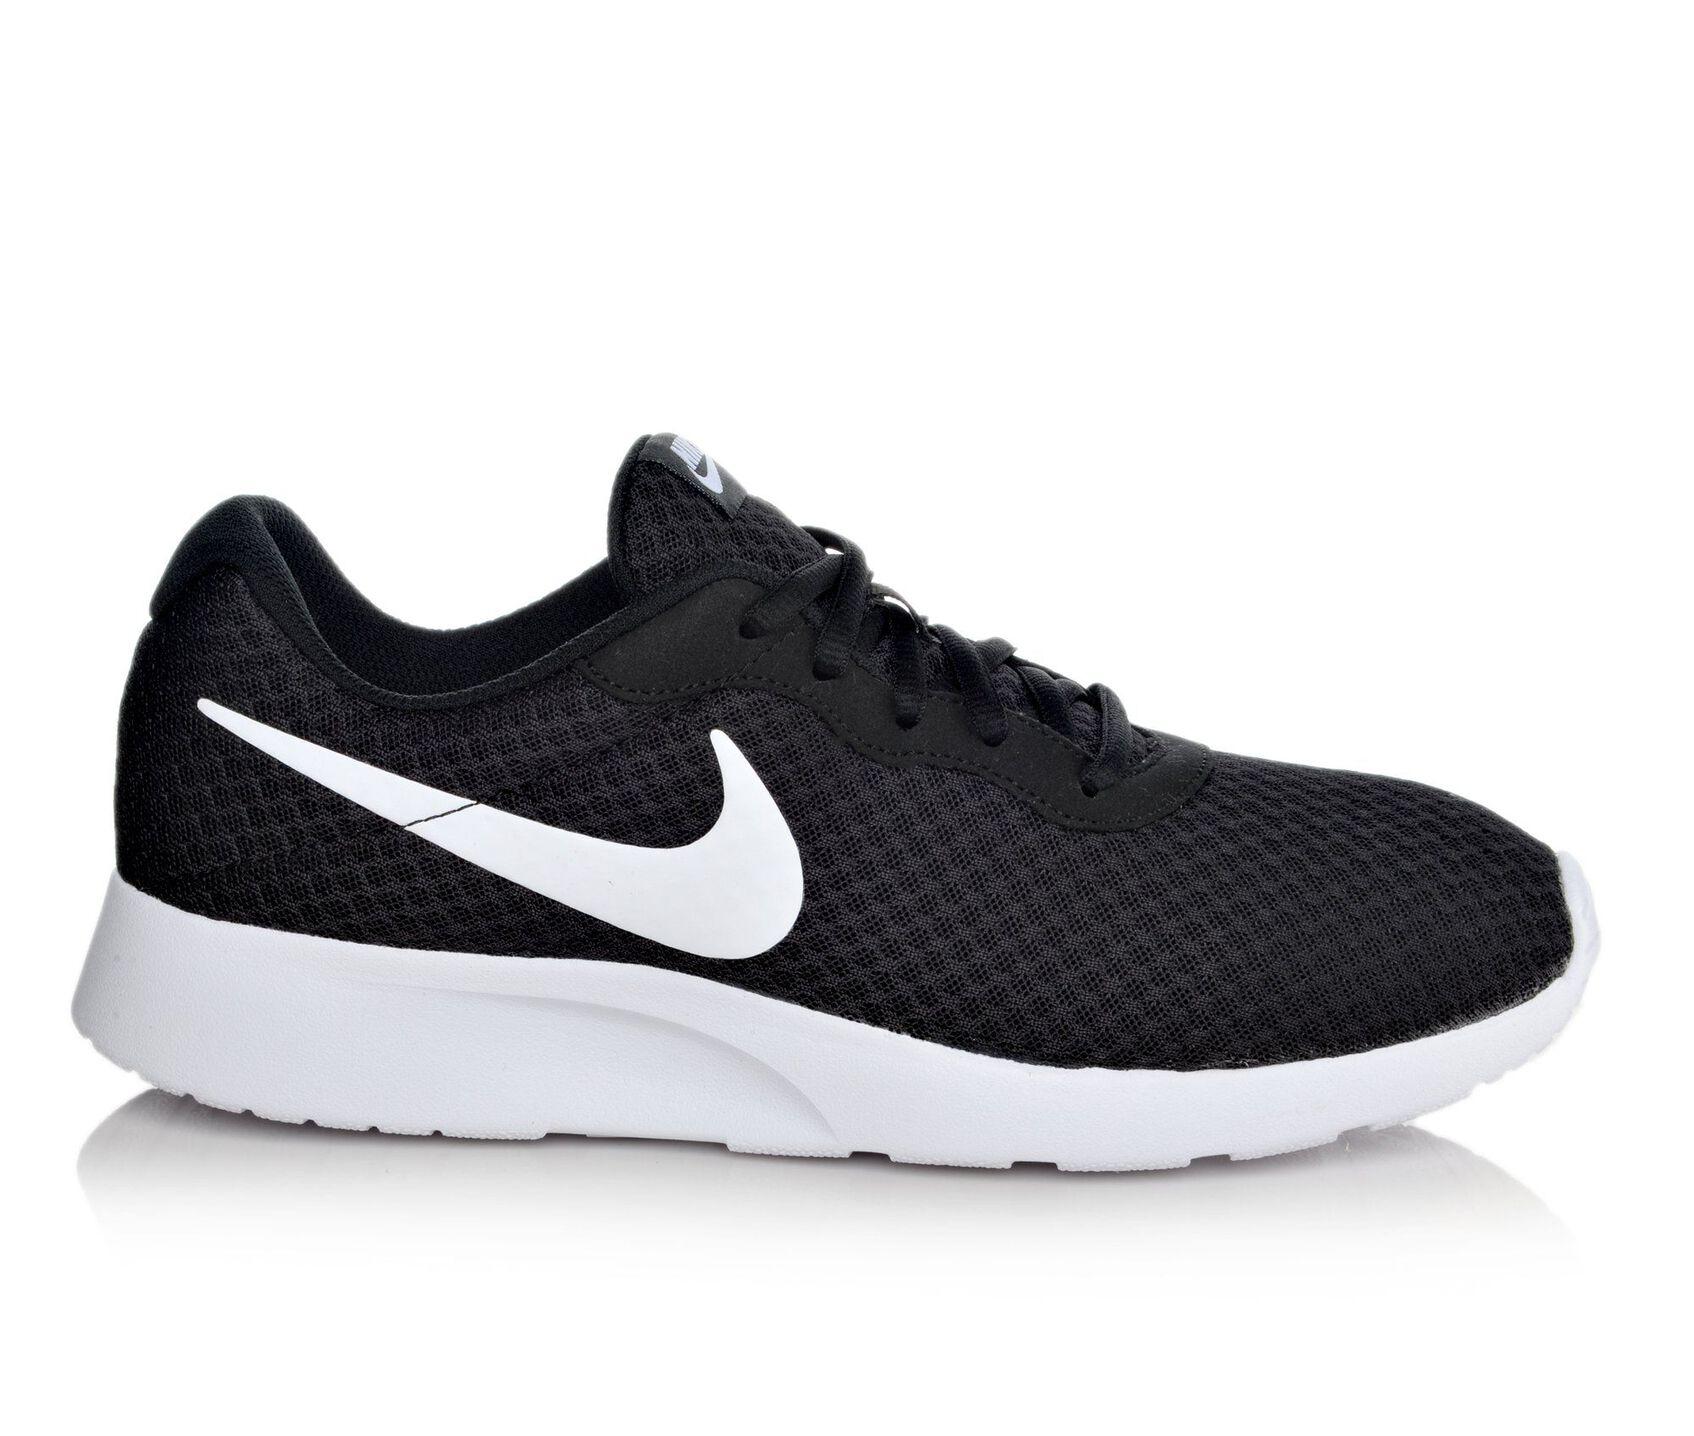 674f1e1ddd4 Men s Nike Tanjun Sneakers